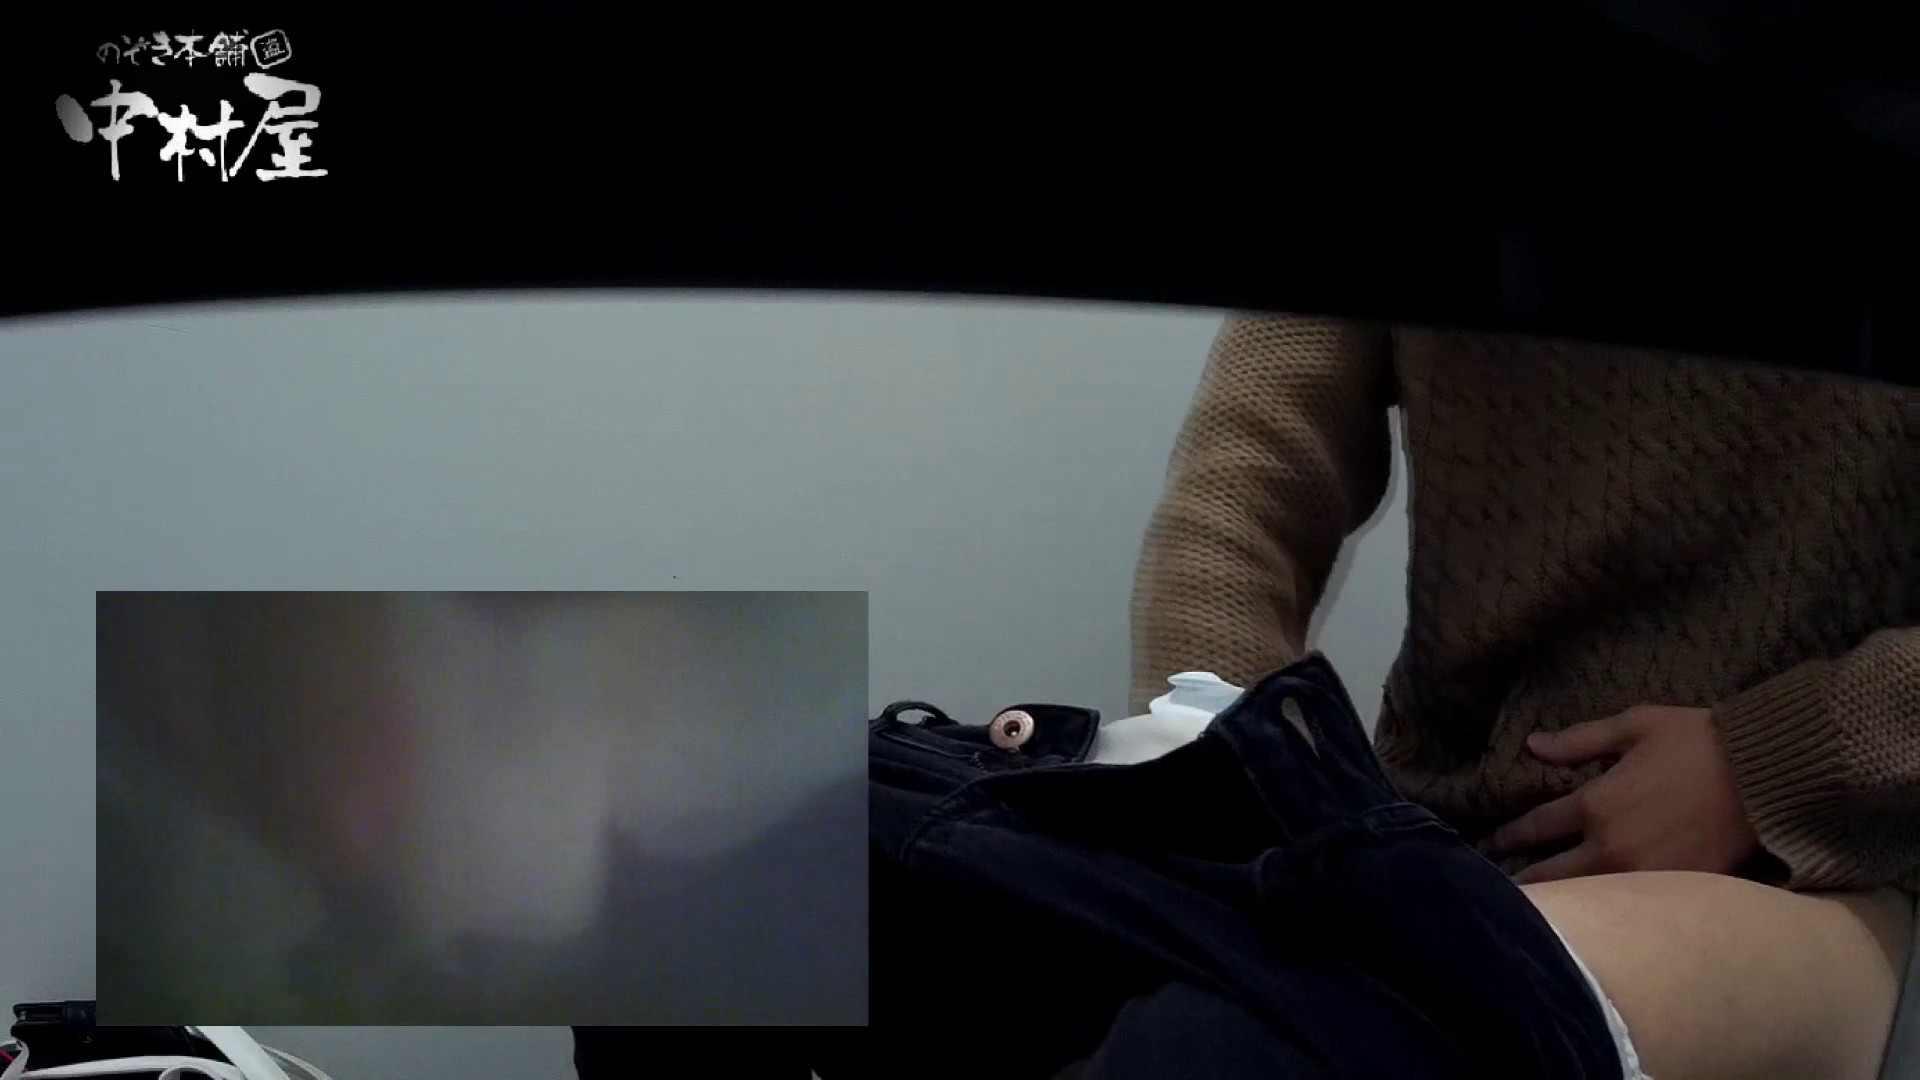 有名大学女性洗面所 vol.54 設置撮影最高峰!! 3視点でじっくり観察 0  65pic 24